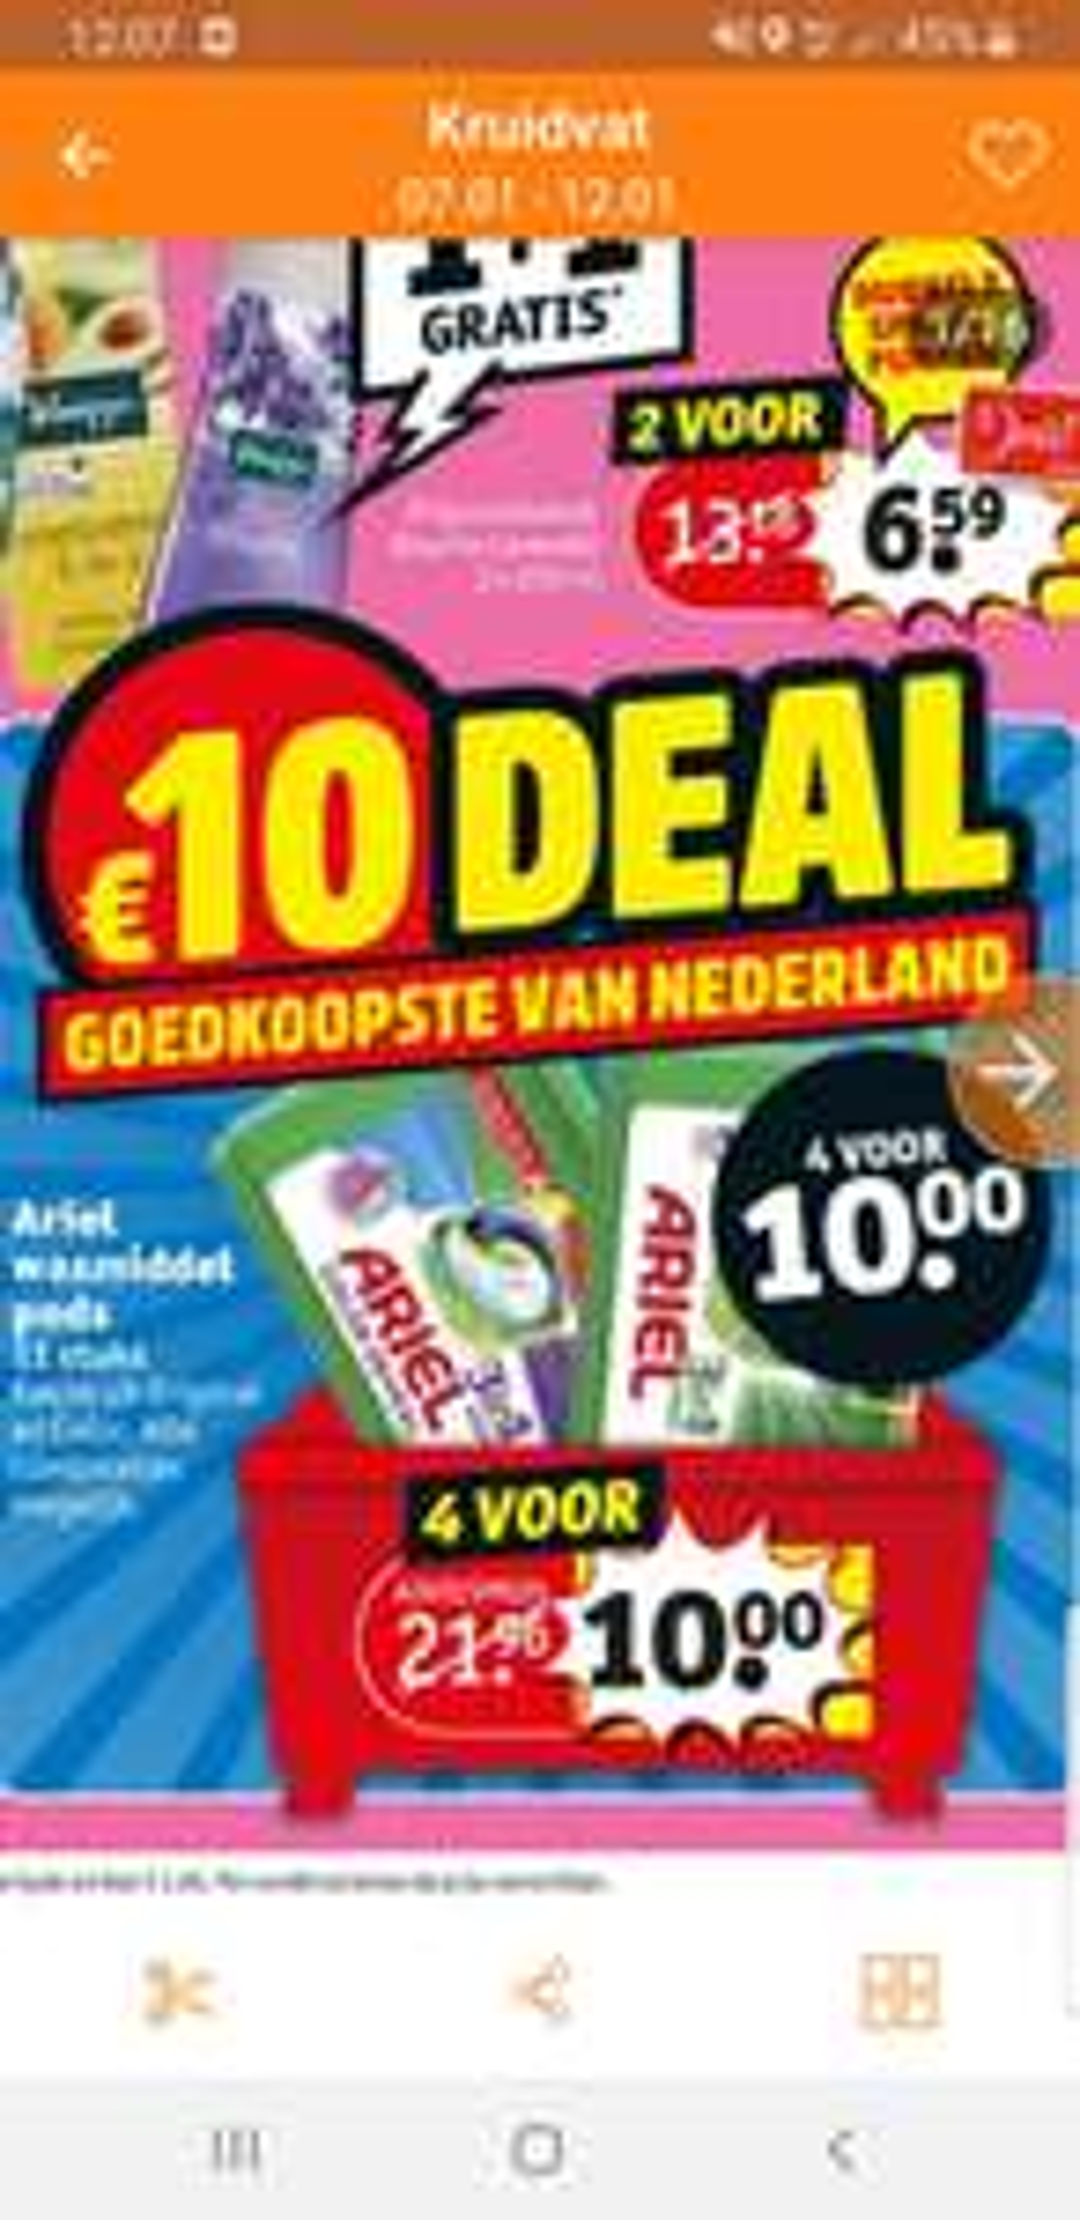 Ariel pods 4 voor €10 vanaf 07-01